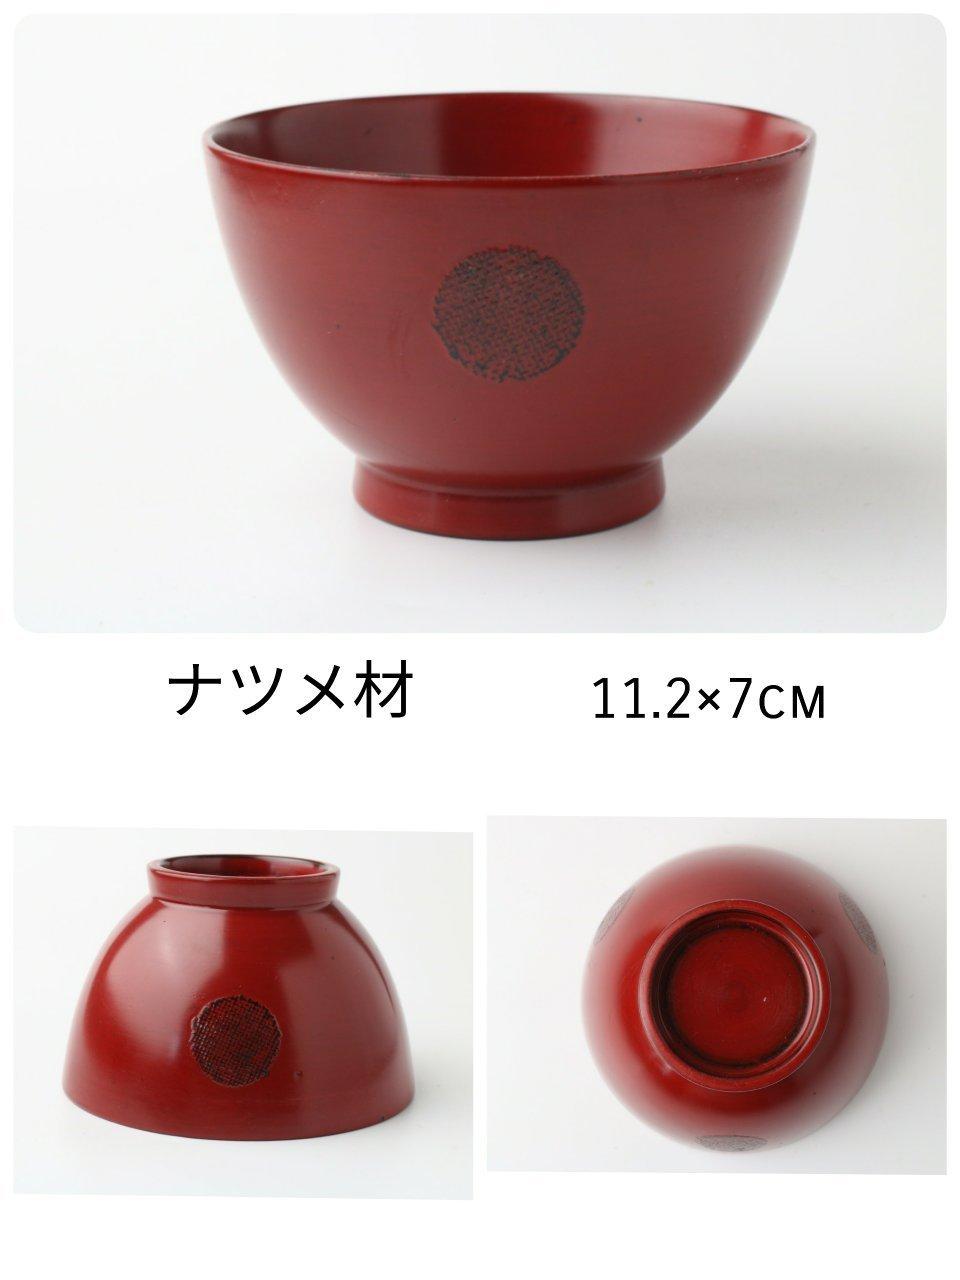 塗り物割引sale_f0255704_11351721.jpg